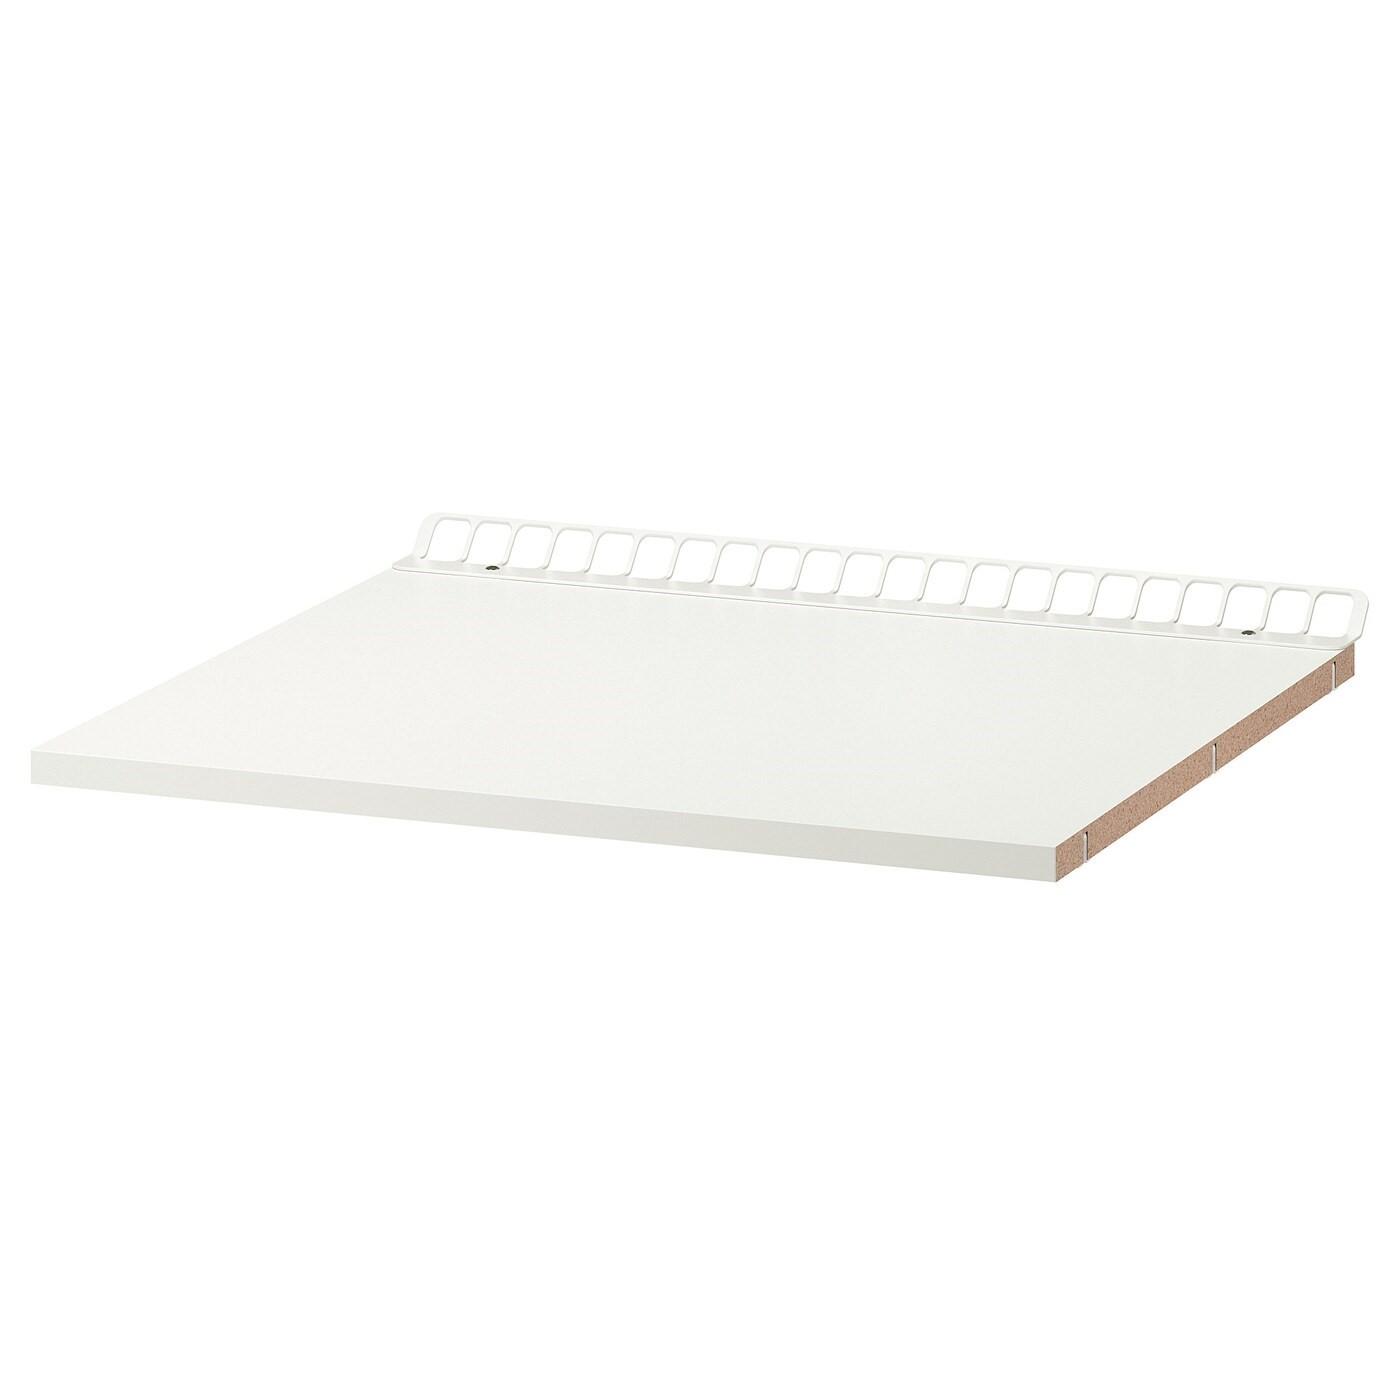 IKEA УТРУСТА Полка с вентиляцией, белый, 60x60 см 902.135.73